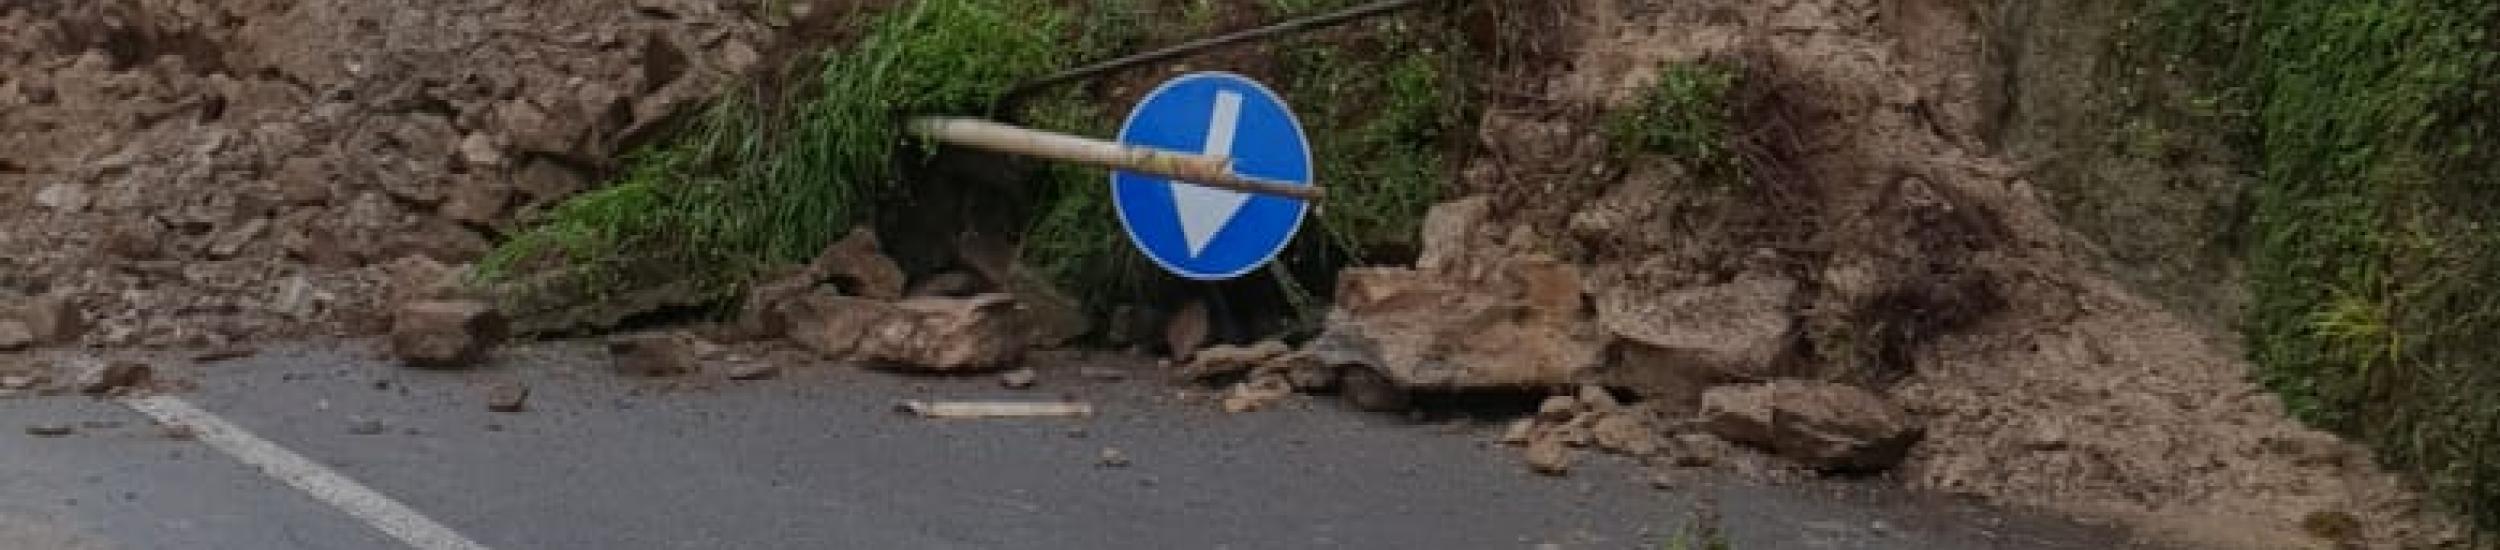 Campomorone, temporanea interdizione della circolazione veicolare su SP 6 di Isoverde